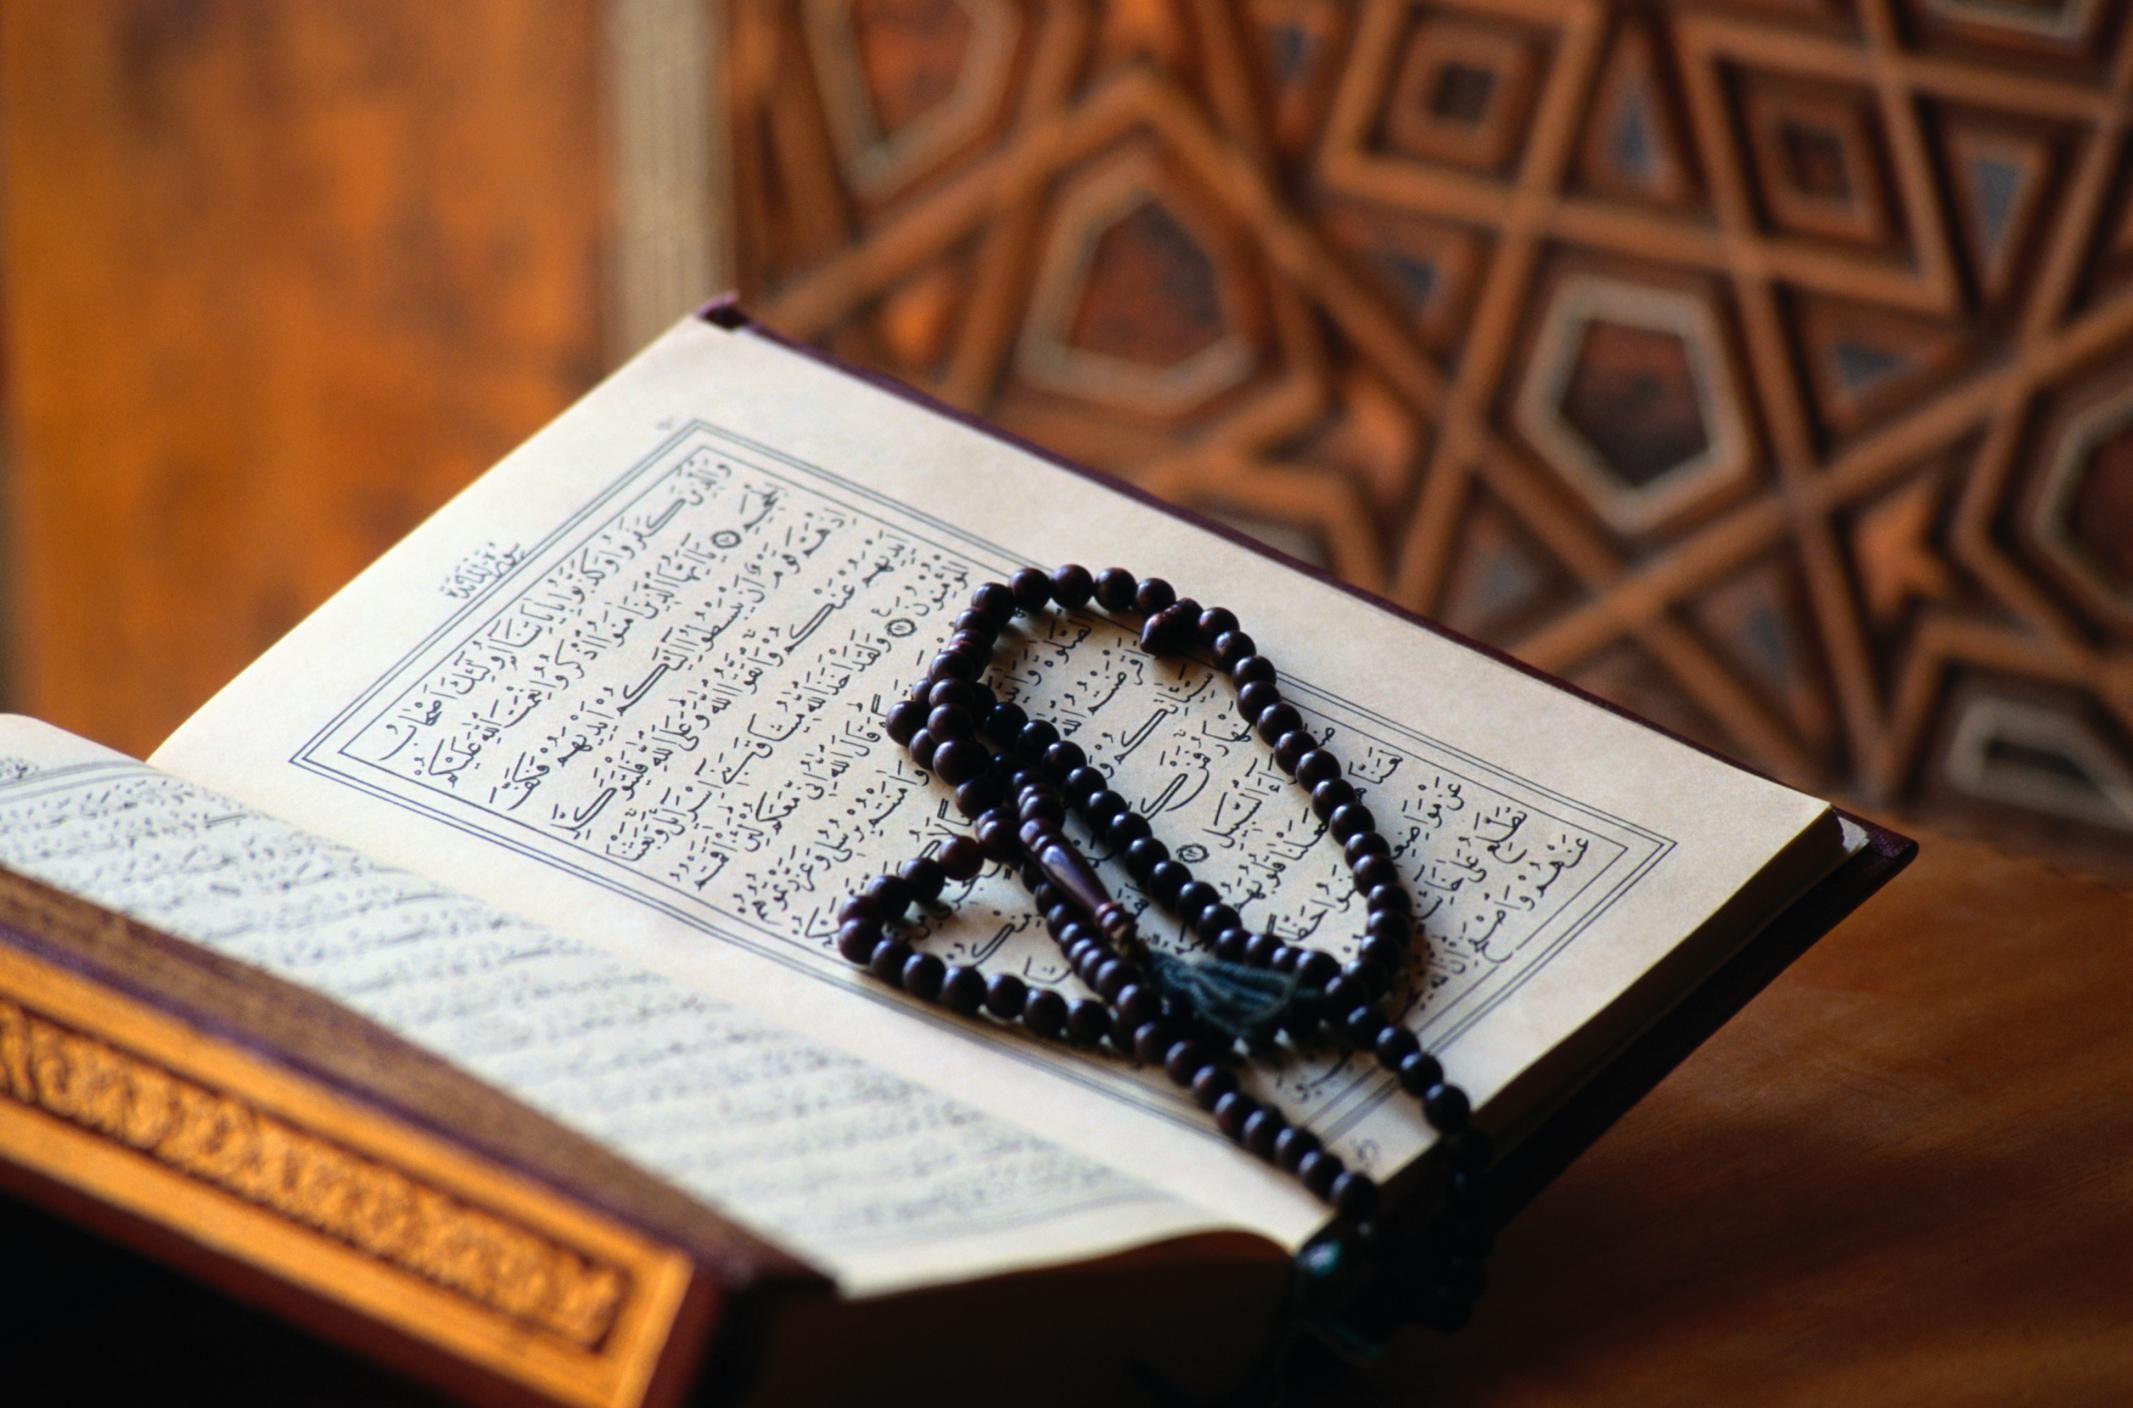 Oxu Az Quran Da Bəhsi Kecən Tərəvəzlər Və Meyvələr Haqqinda Maraqli Faktlar